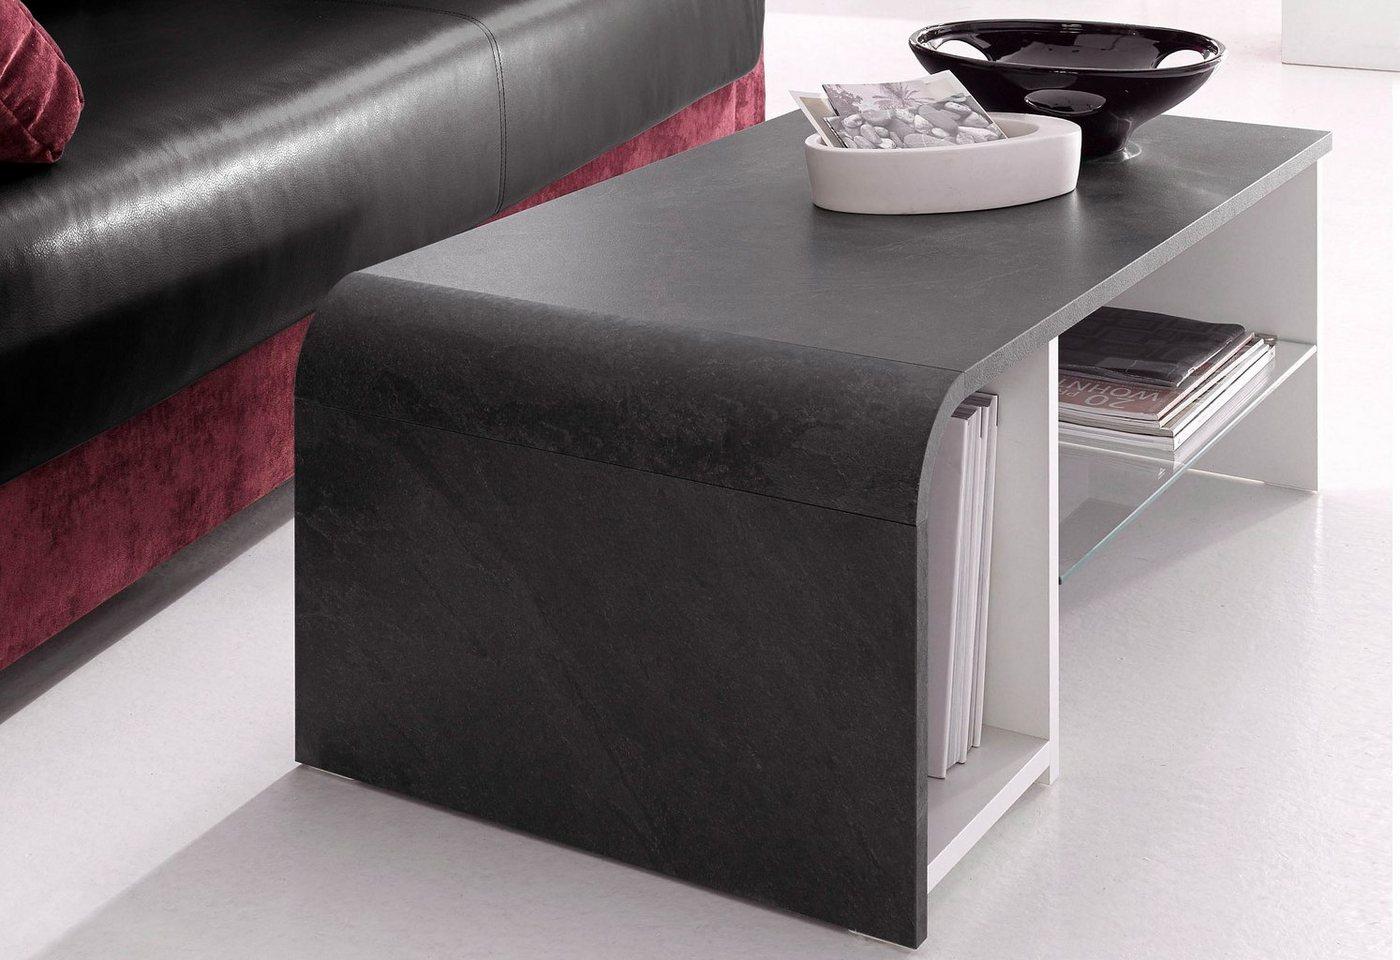 meubelen klassieke landelijk en moderne meubels. Black Bedroom Furniture Sets. Home Design Ideas